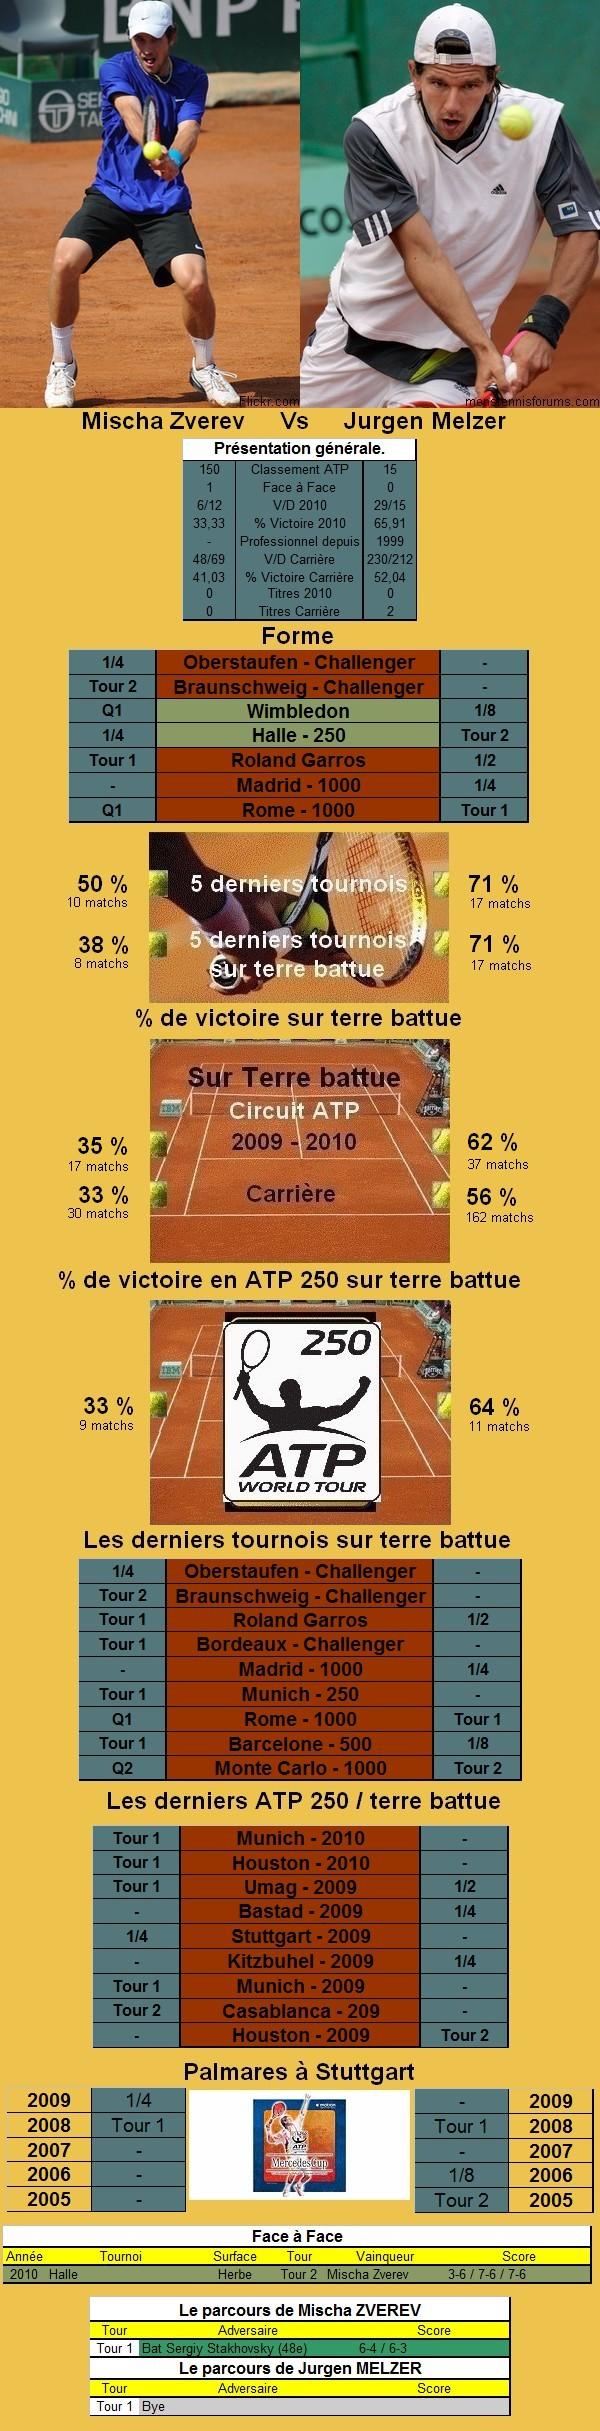 Statistiques tennis de Zverev contre Melzer à Stuttgart